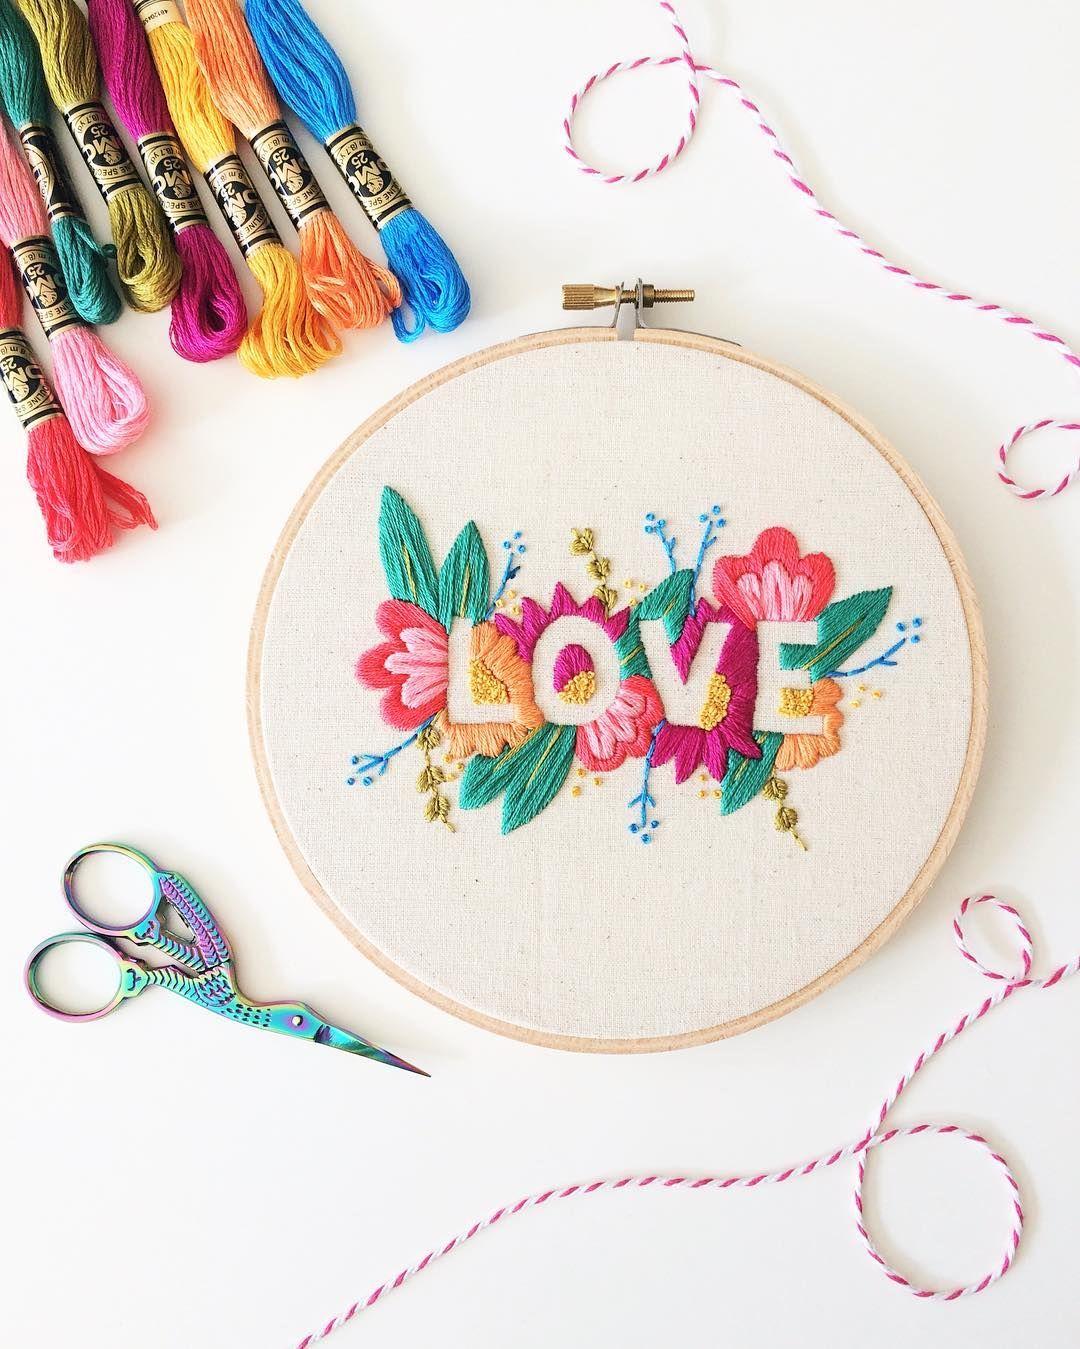 LucyFrancis26 | Embroidery | Pinterest | Bordado, Bordado a mano y ...